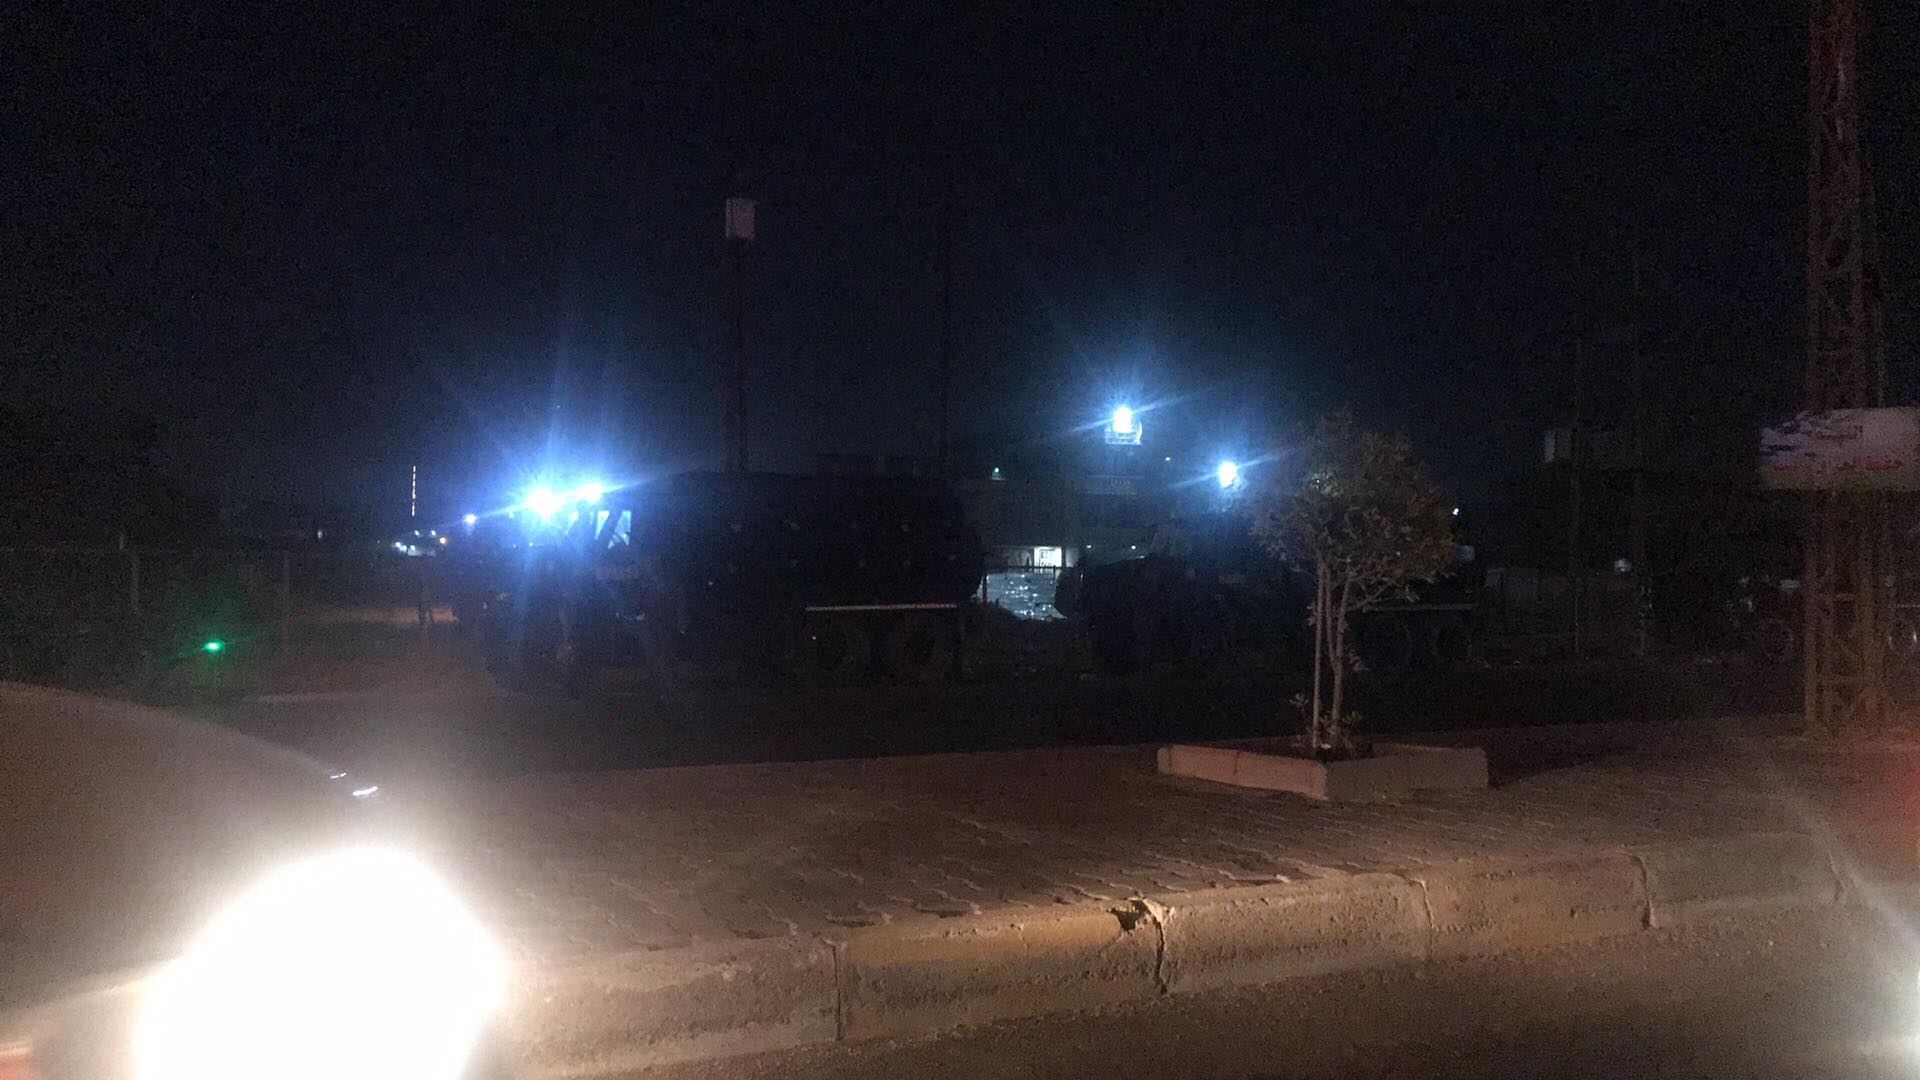 صور حصرية من موقع الانفجارات جنوب بغداد.. والشرطة تخلي الآليات من المعسكر